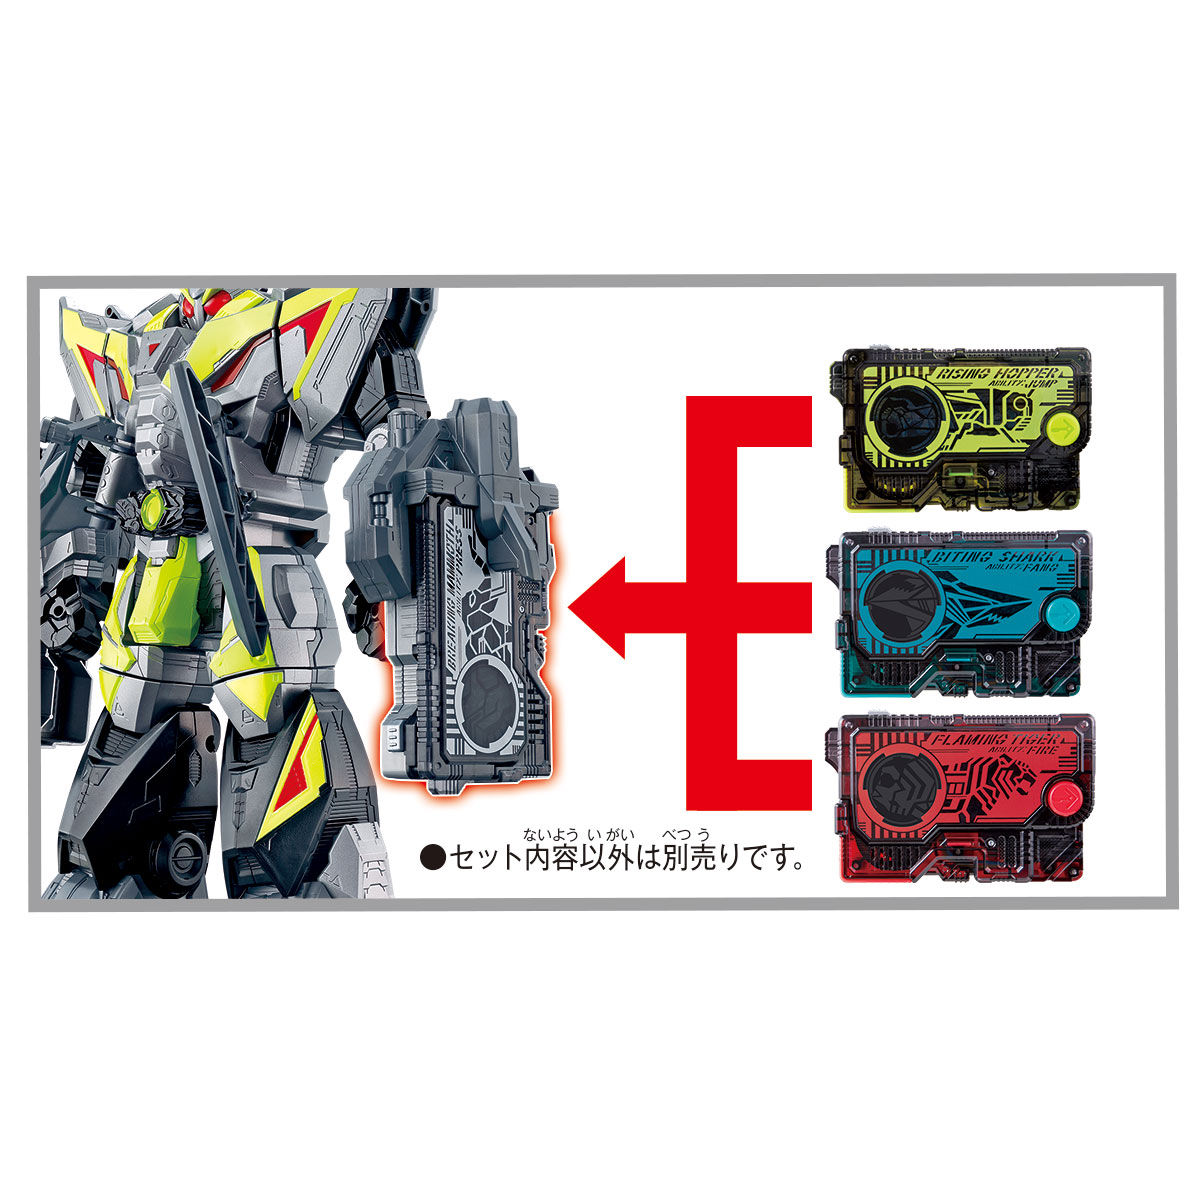 仮面ライダーゼロワン『DXブレイキングマンモス&ブレイキングマンモスプログライズキー』変身なりきり-004